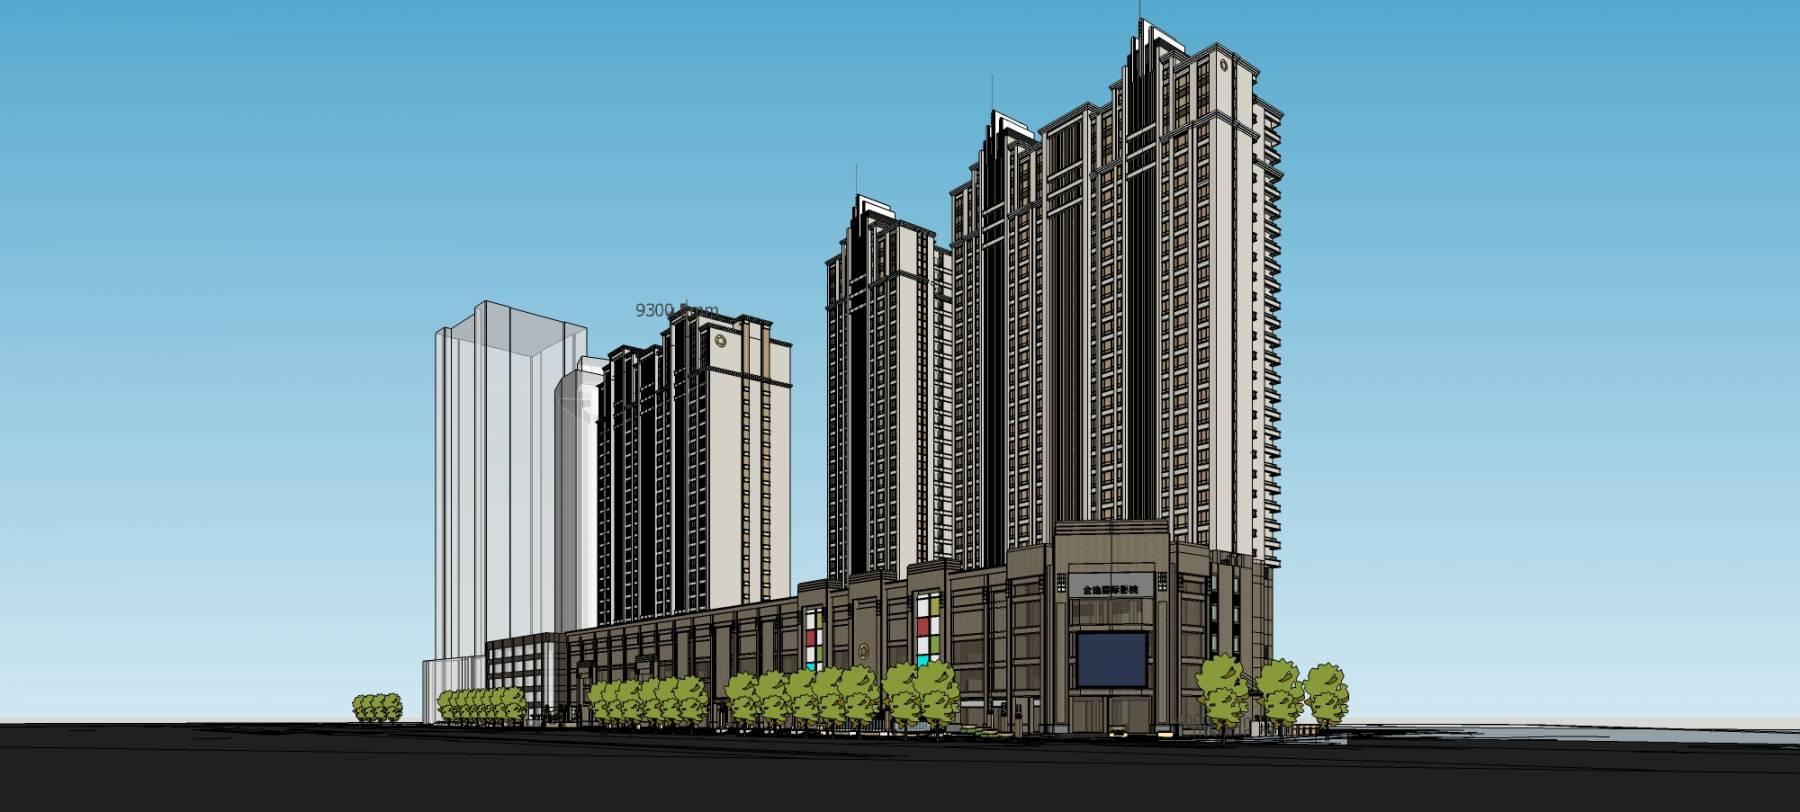 沿街高层商业住宅楼